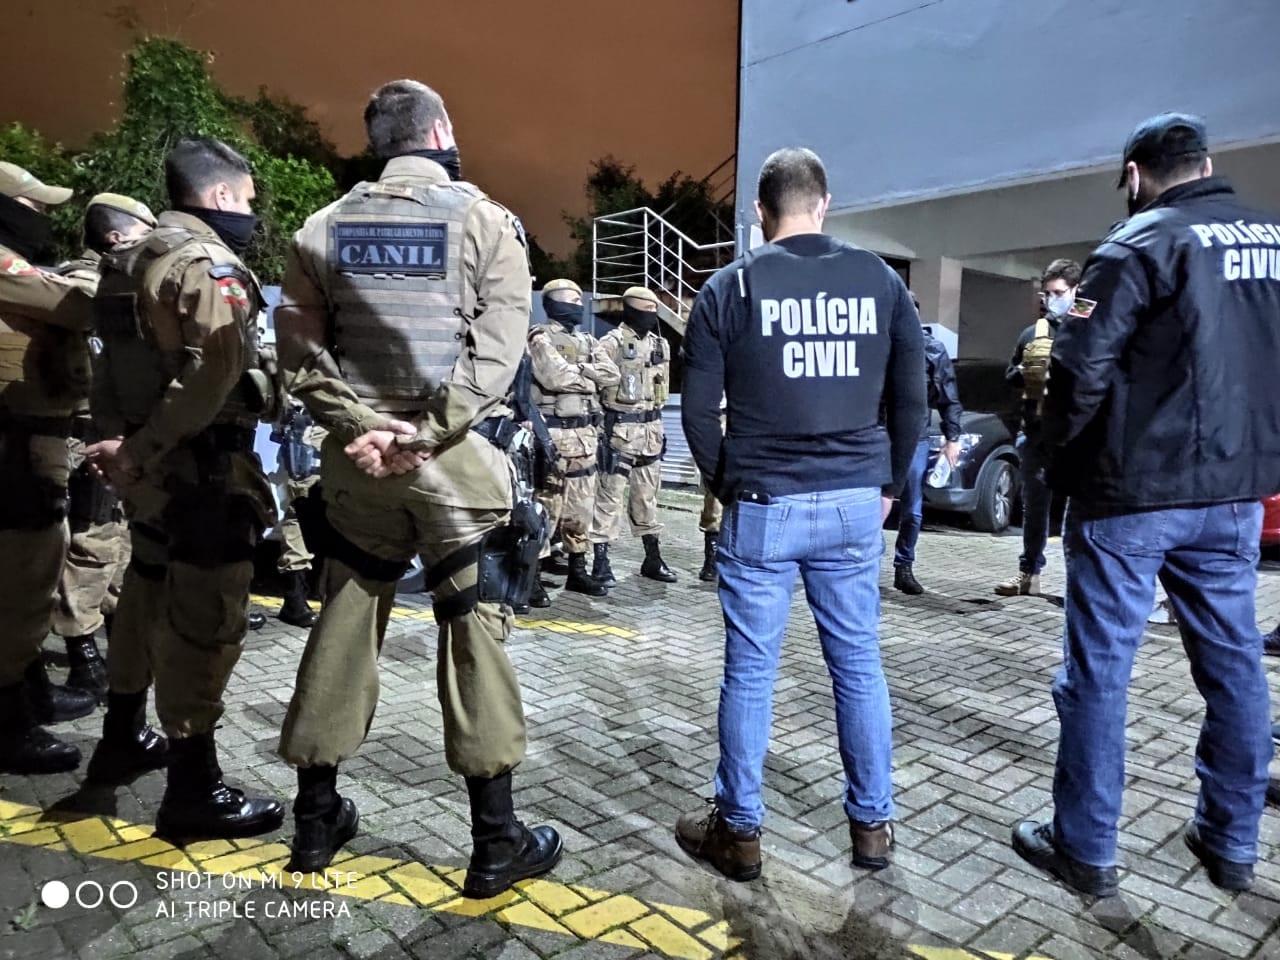 Policiais civis e militares antes de prisão de acusados de roubo - foto da Polícia Civil